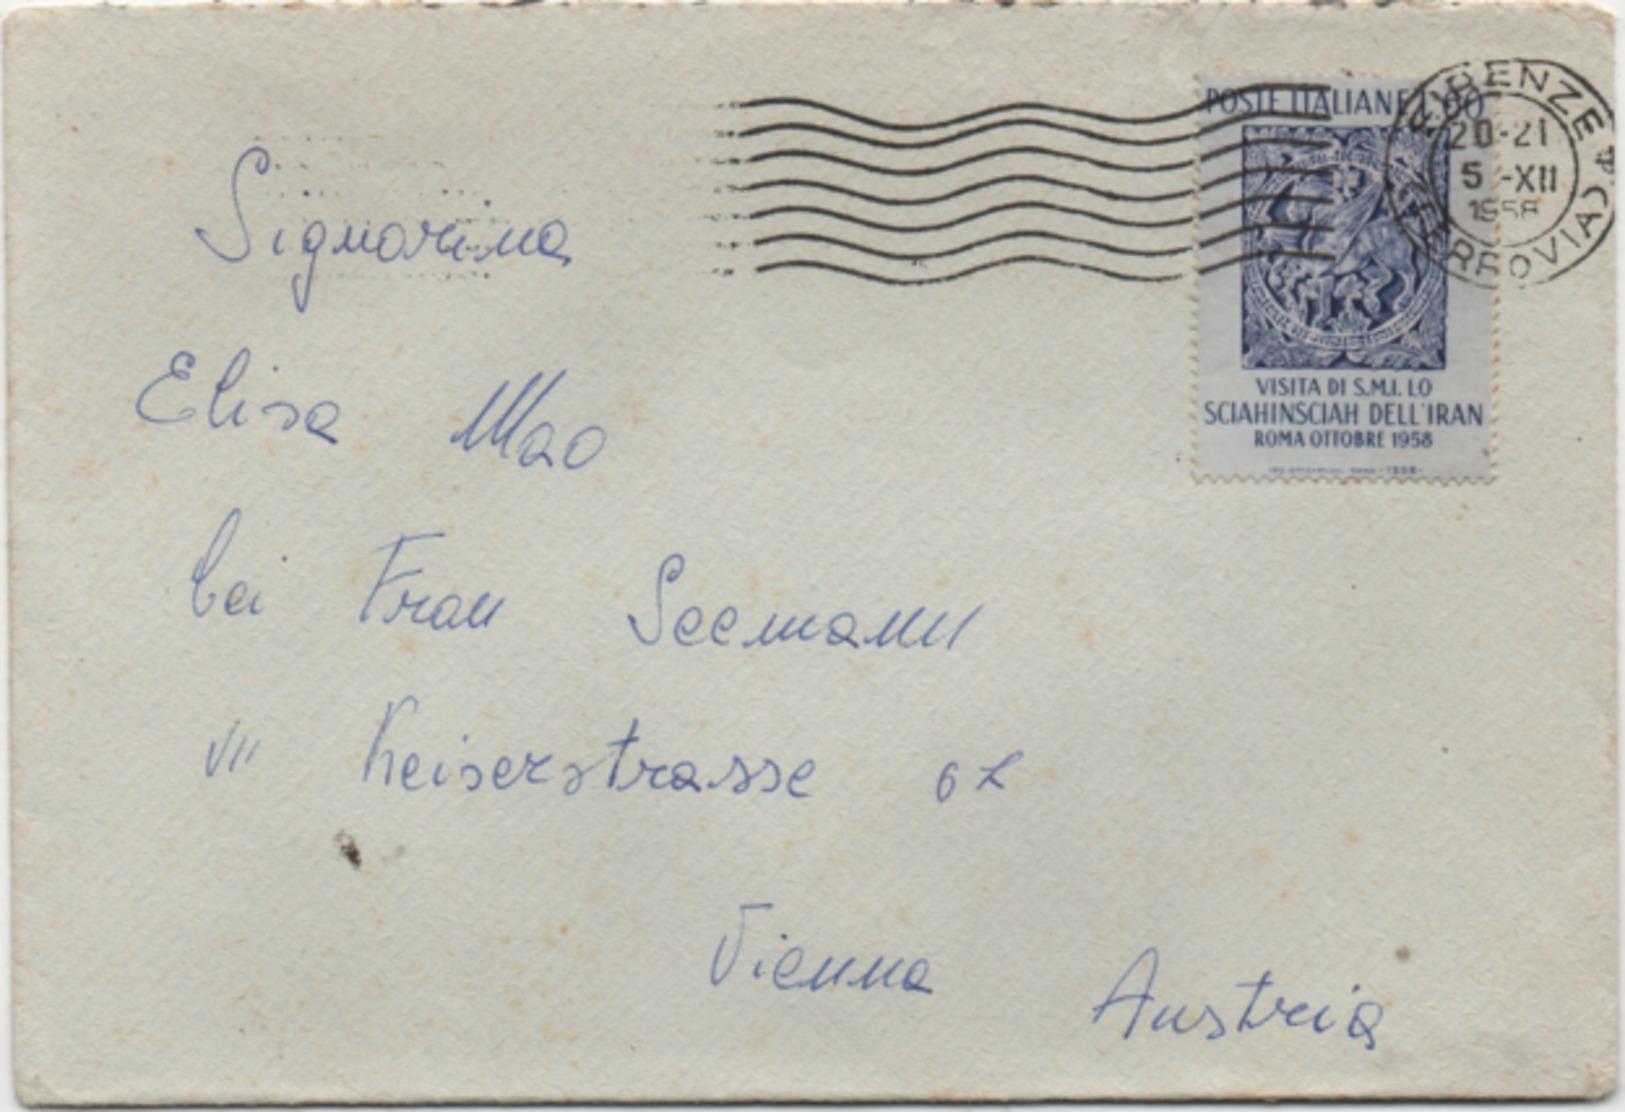 Visita Scià Di Persia 1958 £. 60 Su Busta Con Annullo Firenze 05.12.1958 - 1946-.. République